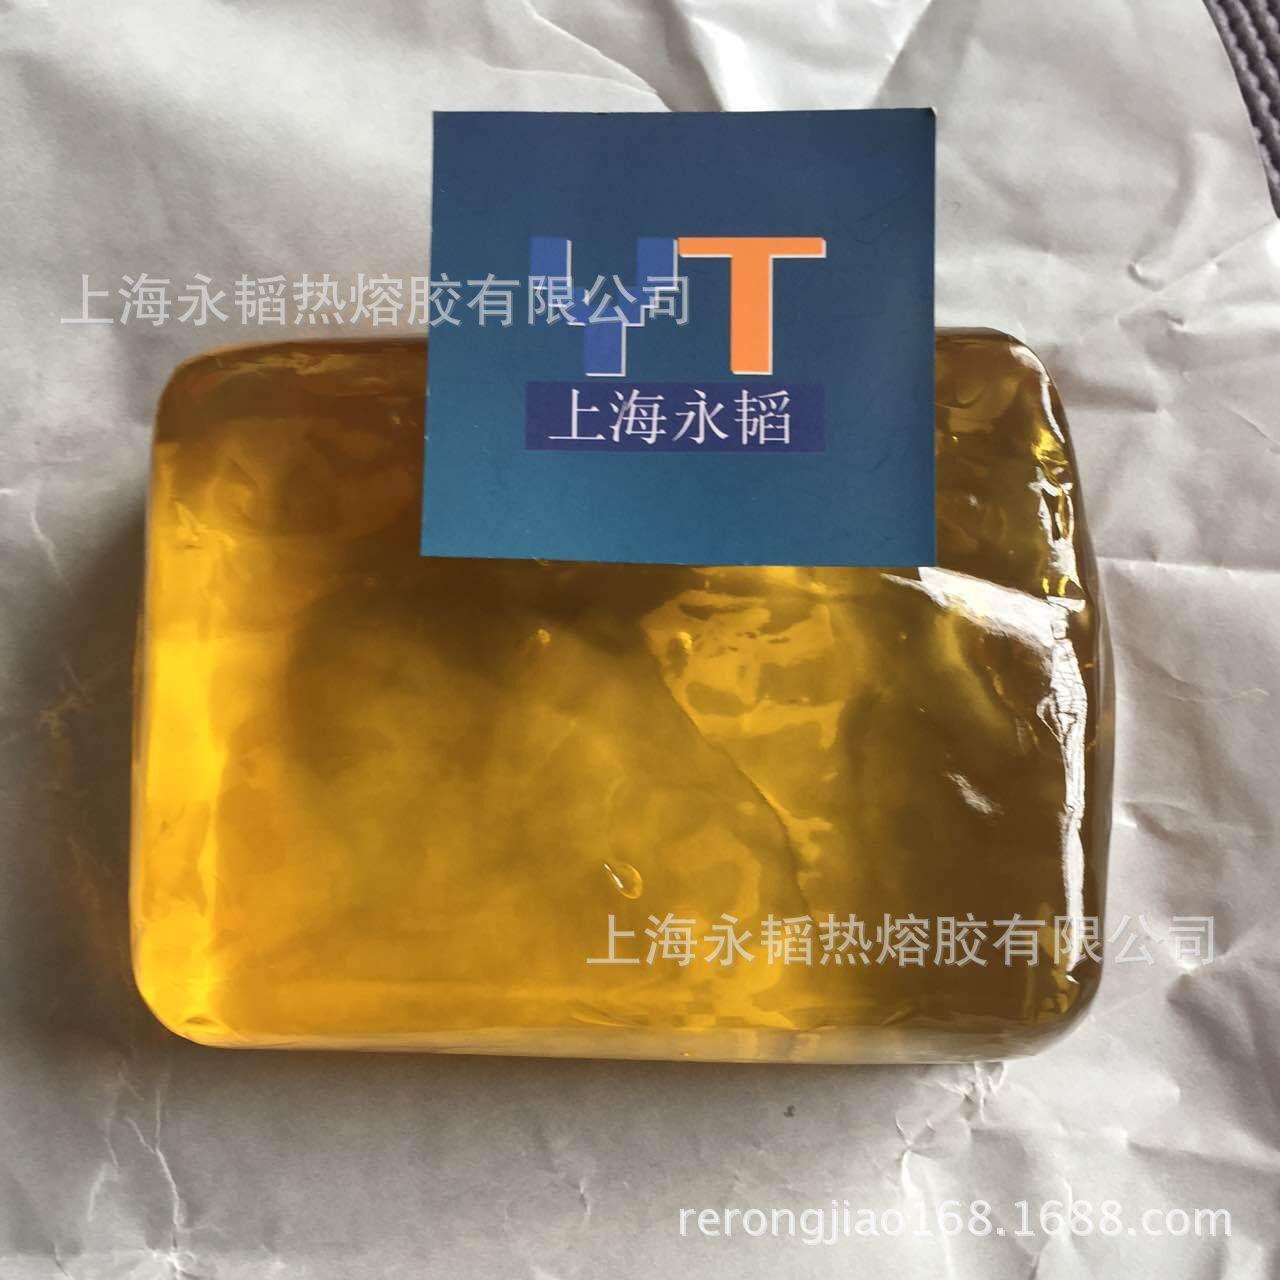 上海永韬热熔胶厂家供应  PET瓶贴标用热熔胶